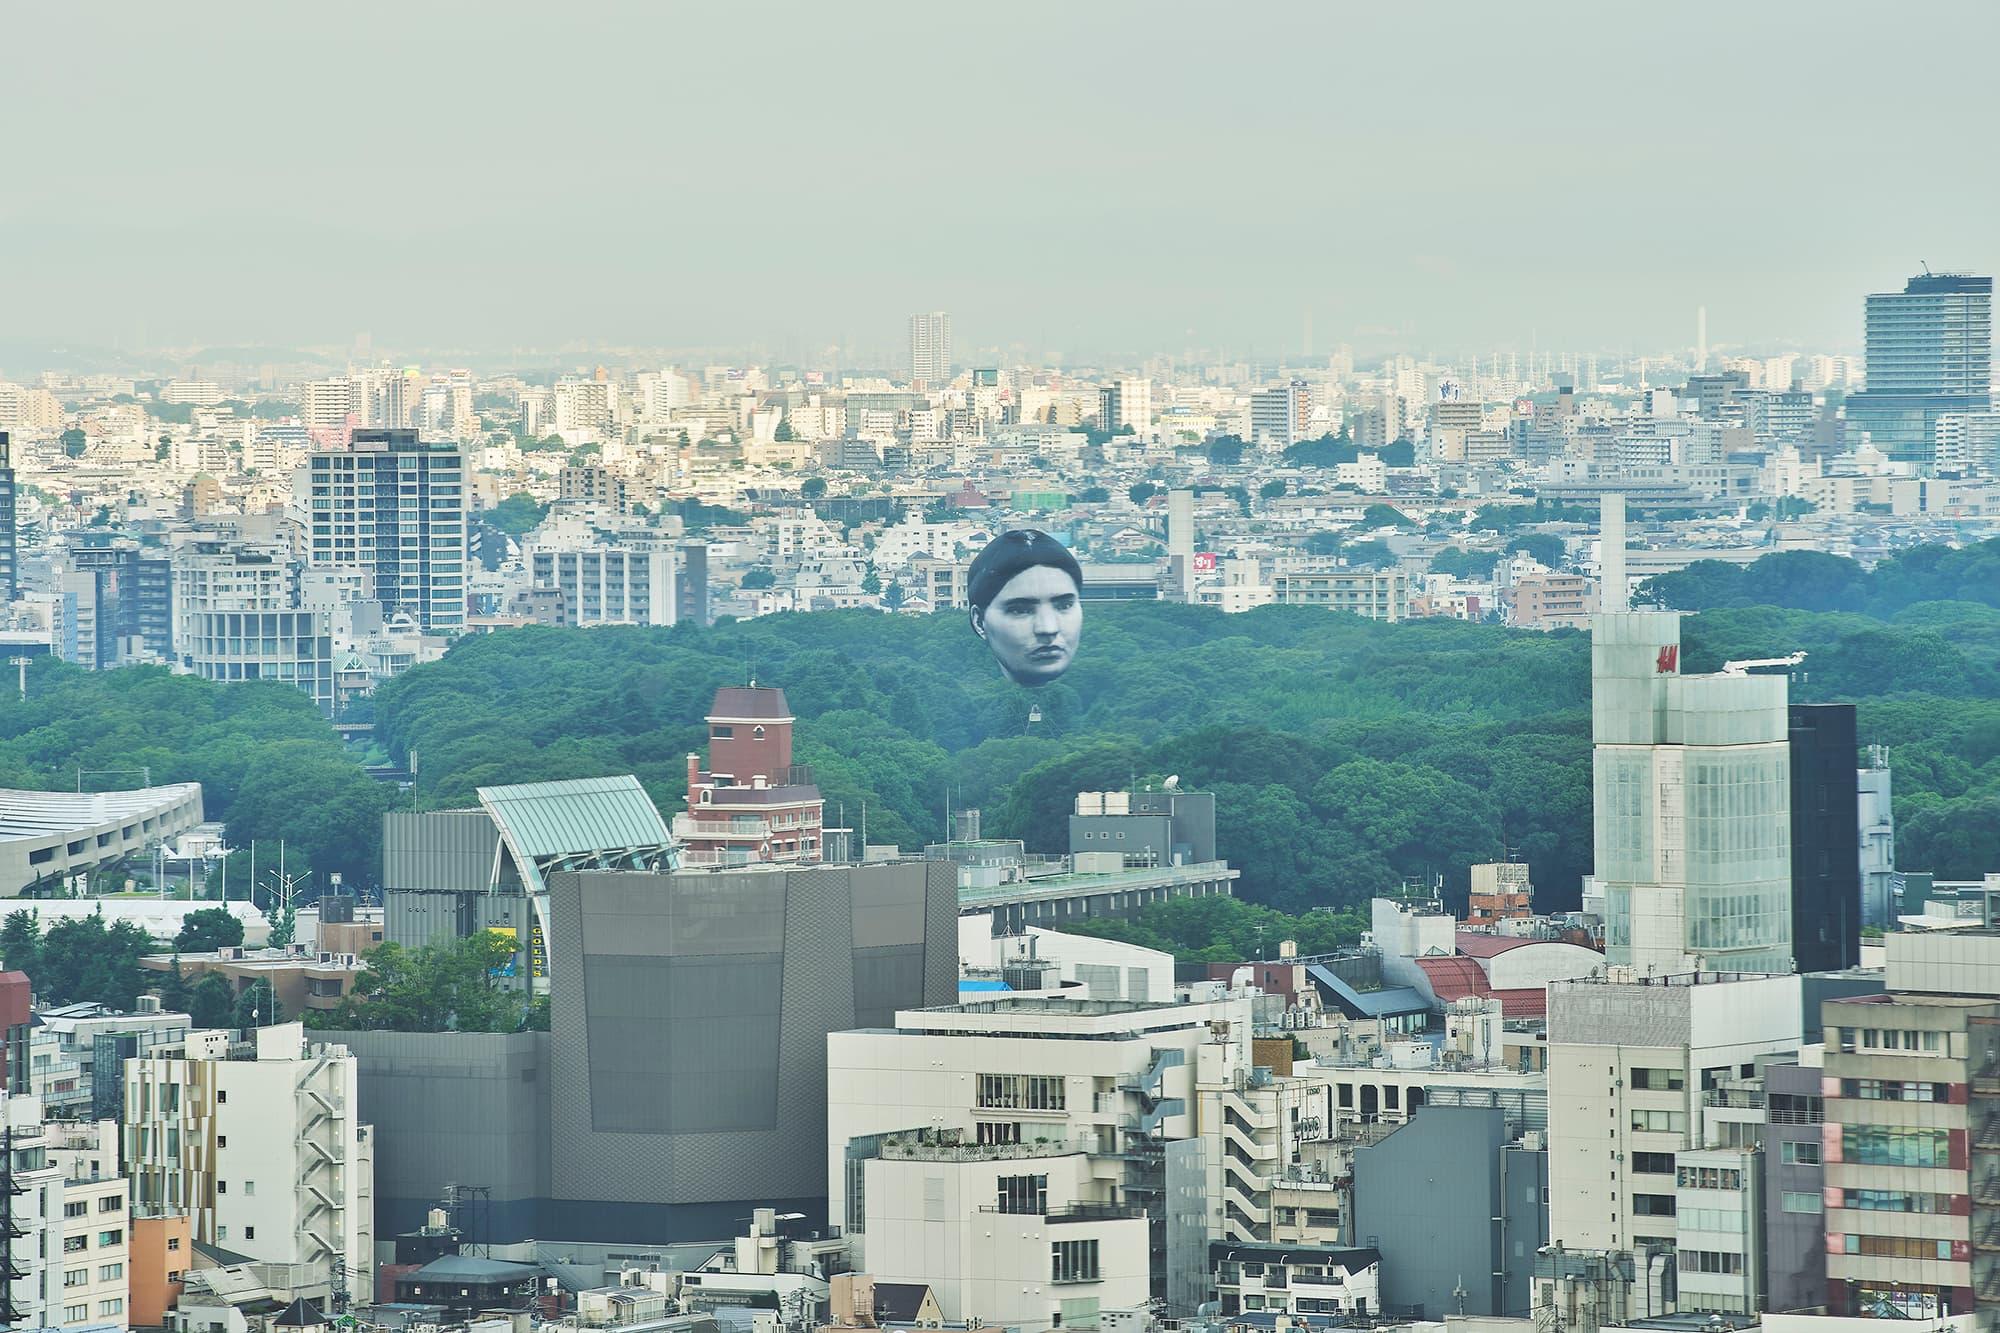 בלון בצורת ראש ענק מרחף מעל טוקיו